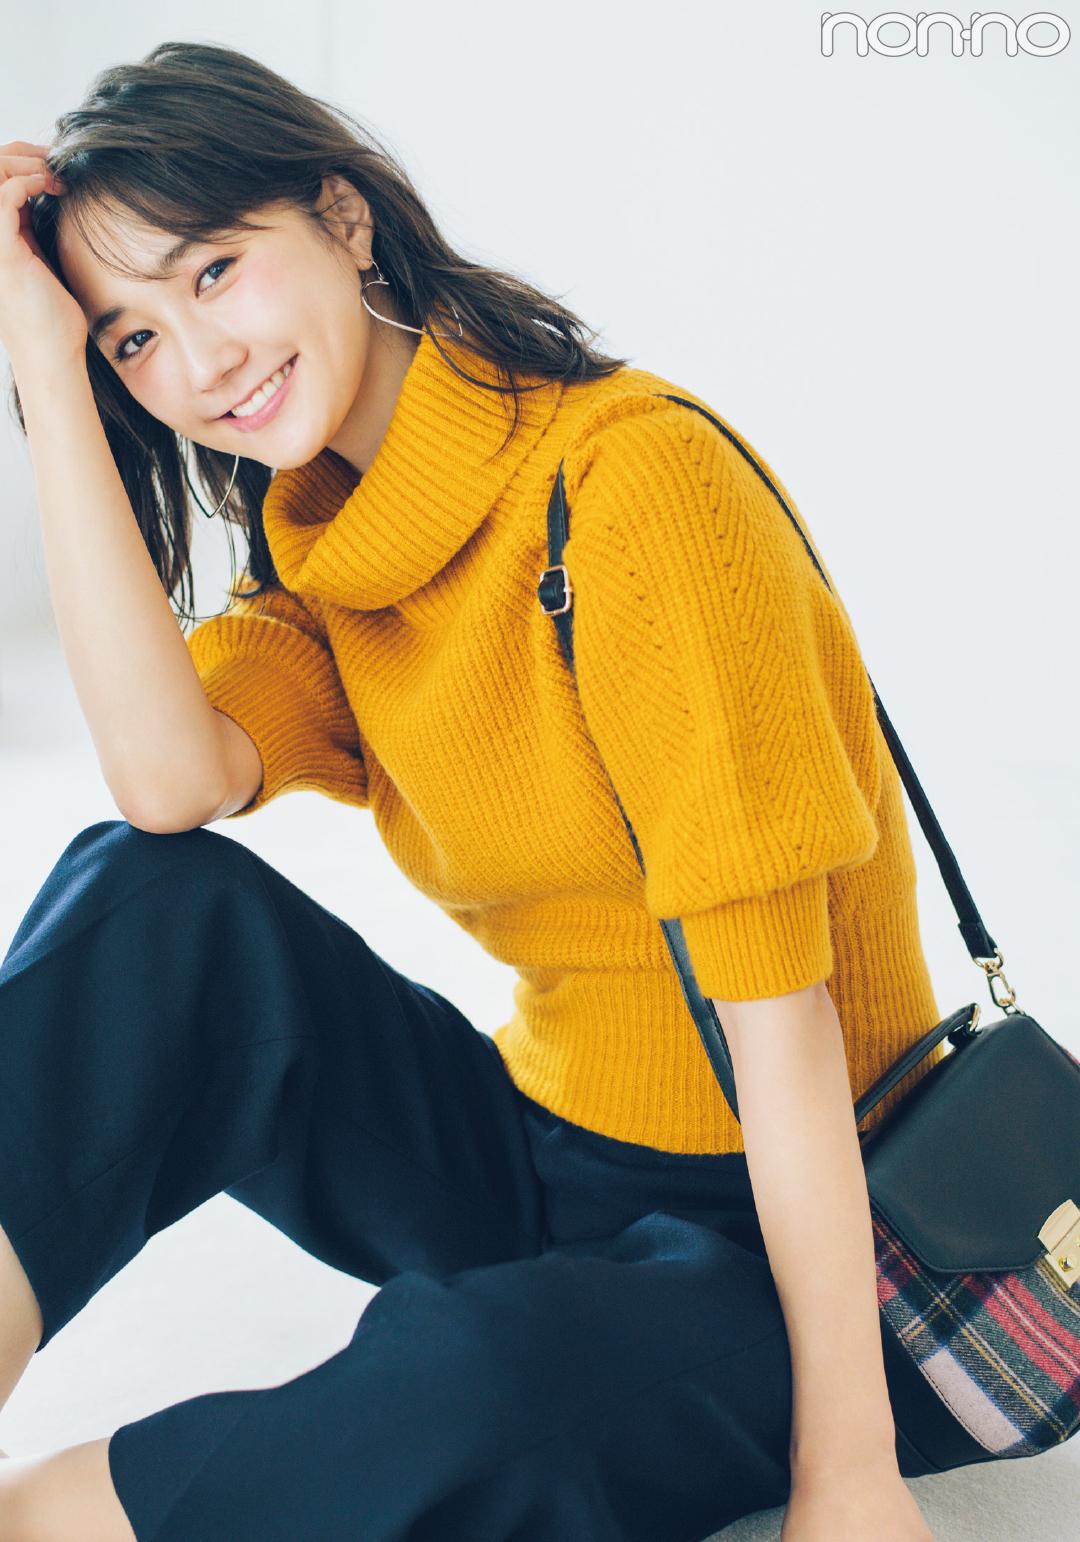 モテるトレンド服2018秋♡ 色で選ぶならこの2色!_1_3